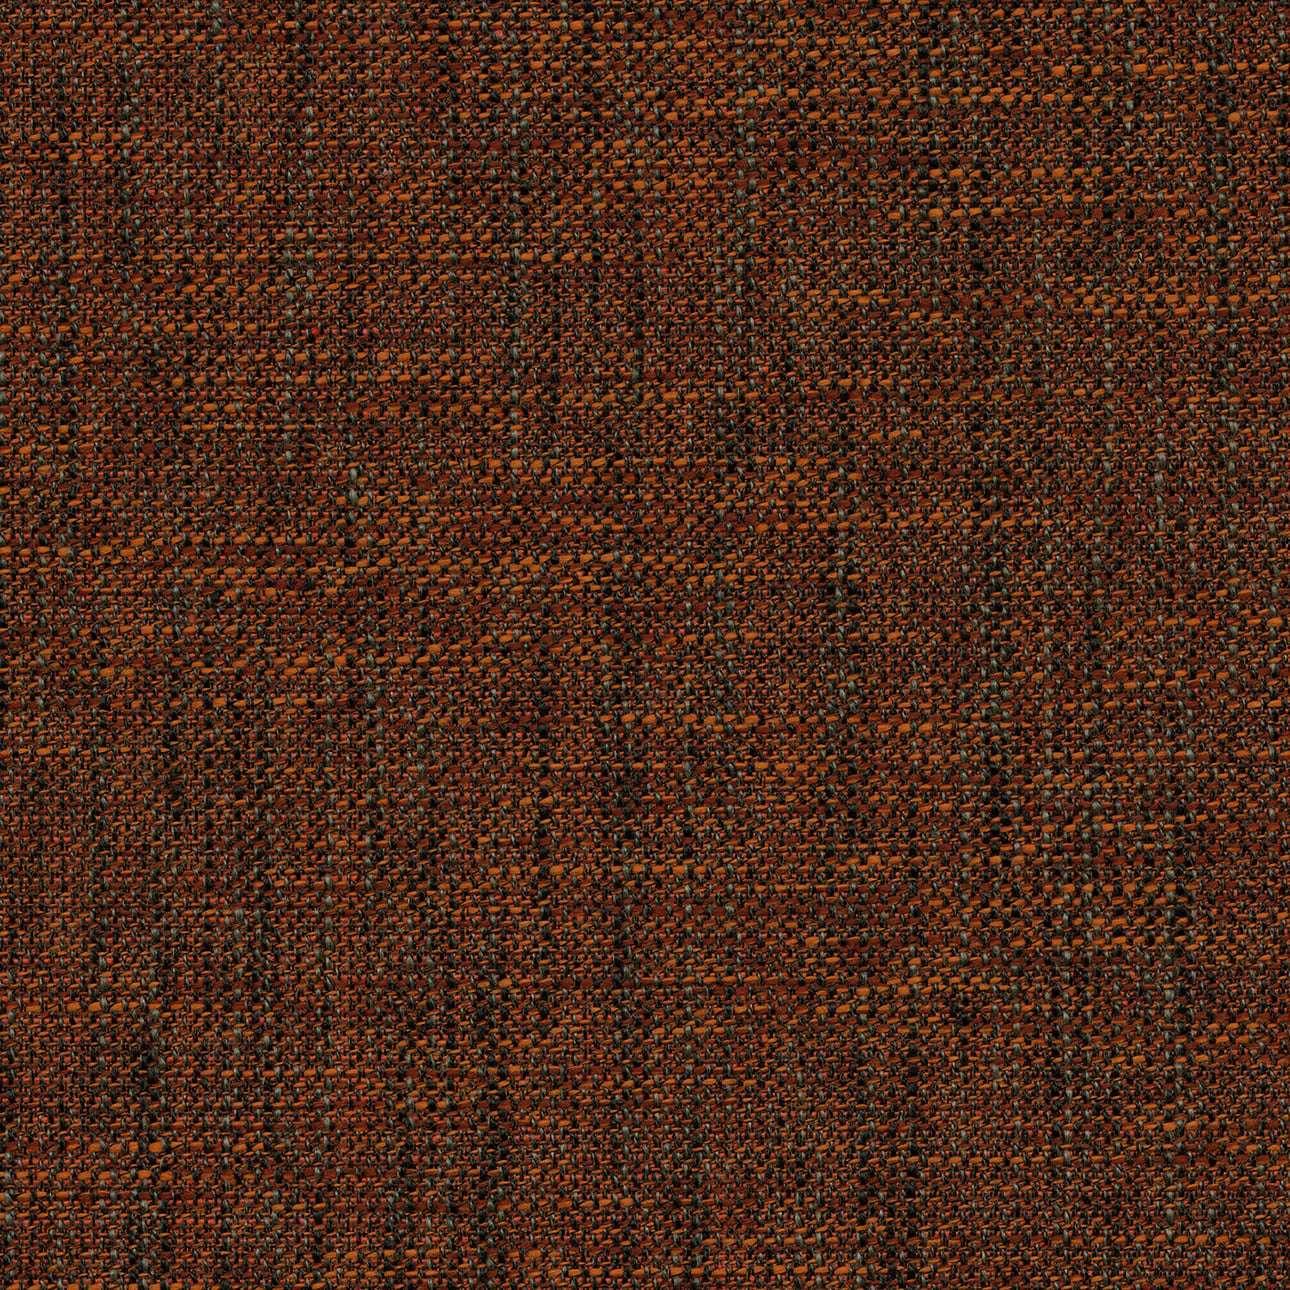 Poszewka Kinga na poduszkę w kolekcji Living, tkanina: 106-94